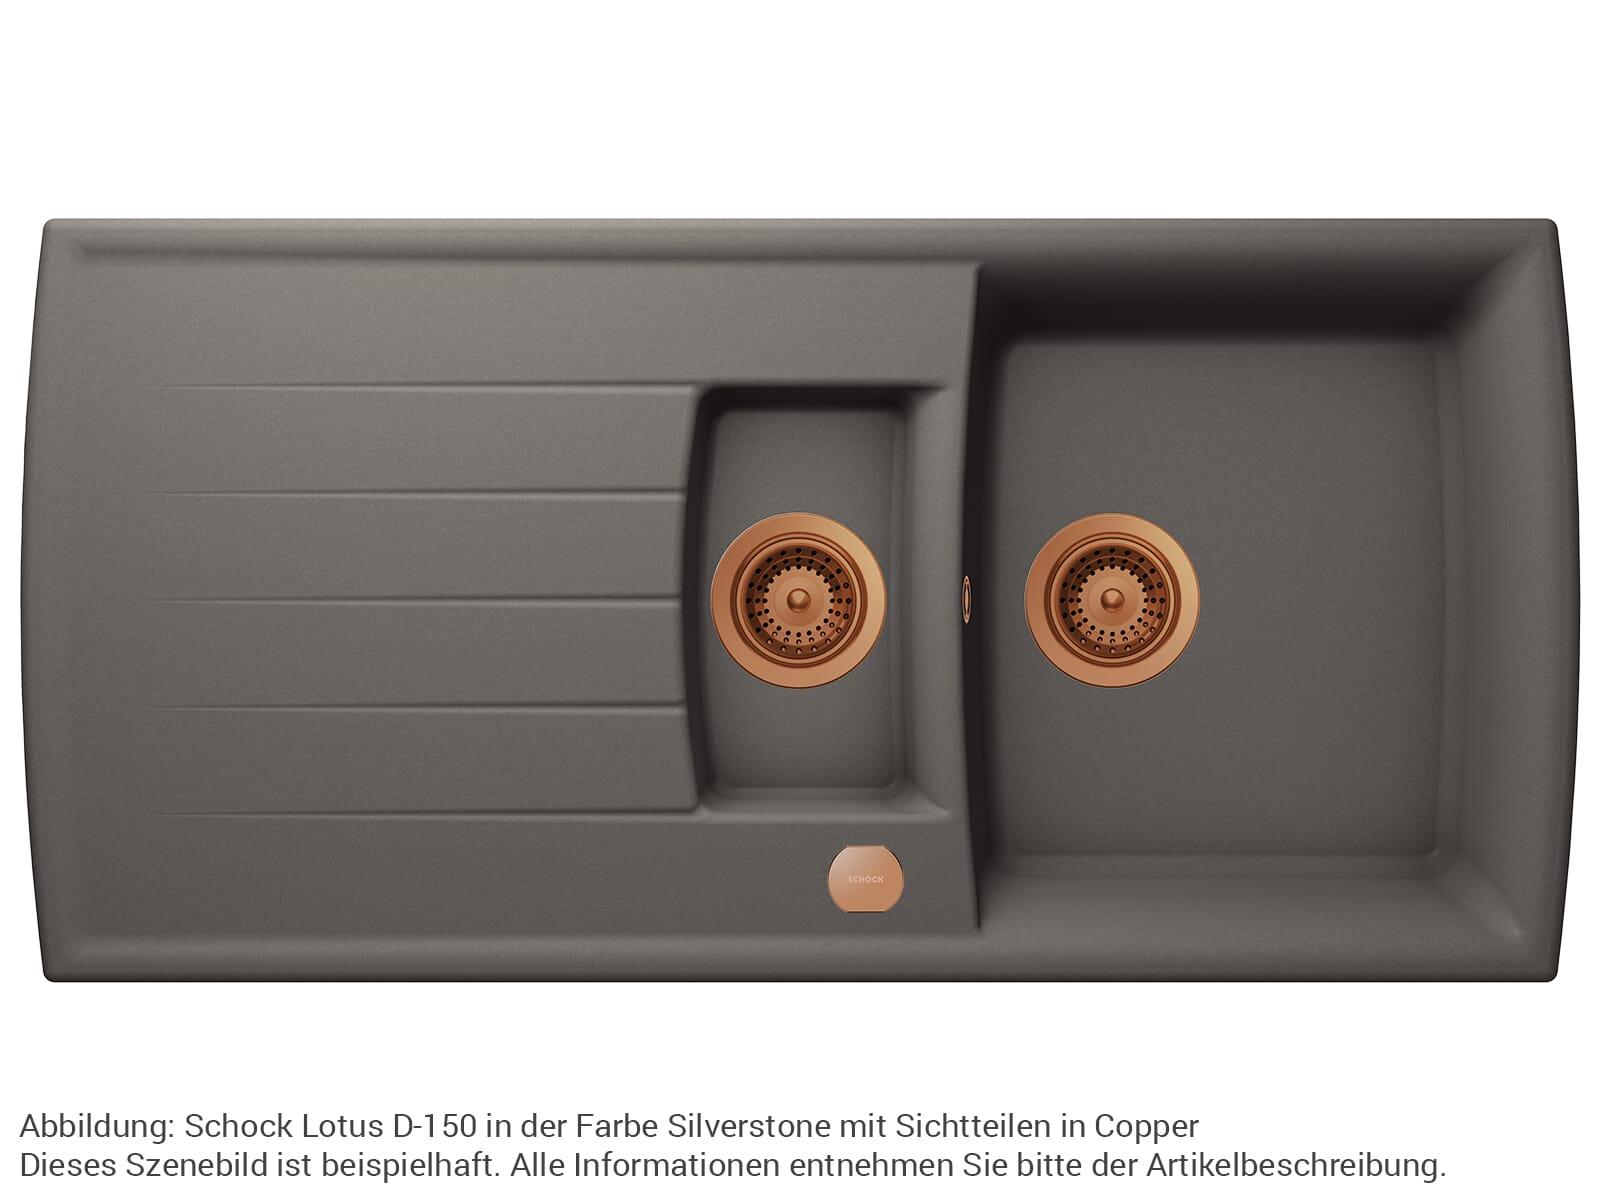 Schock 629305COP - Sichtteile Copper